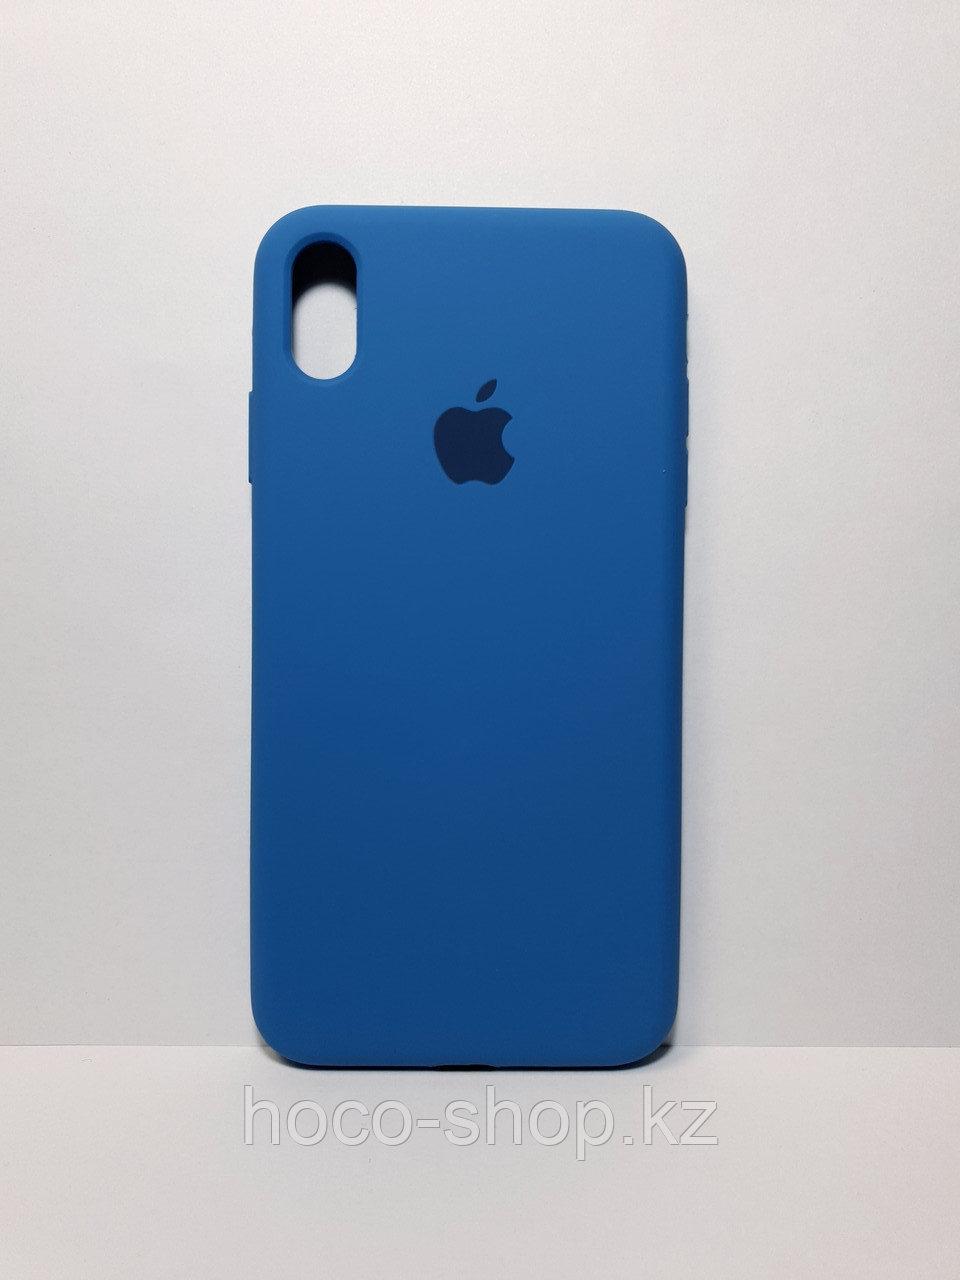 Защитный чехол для iPhone Xs Max Soft Touch силиконовый, синий